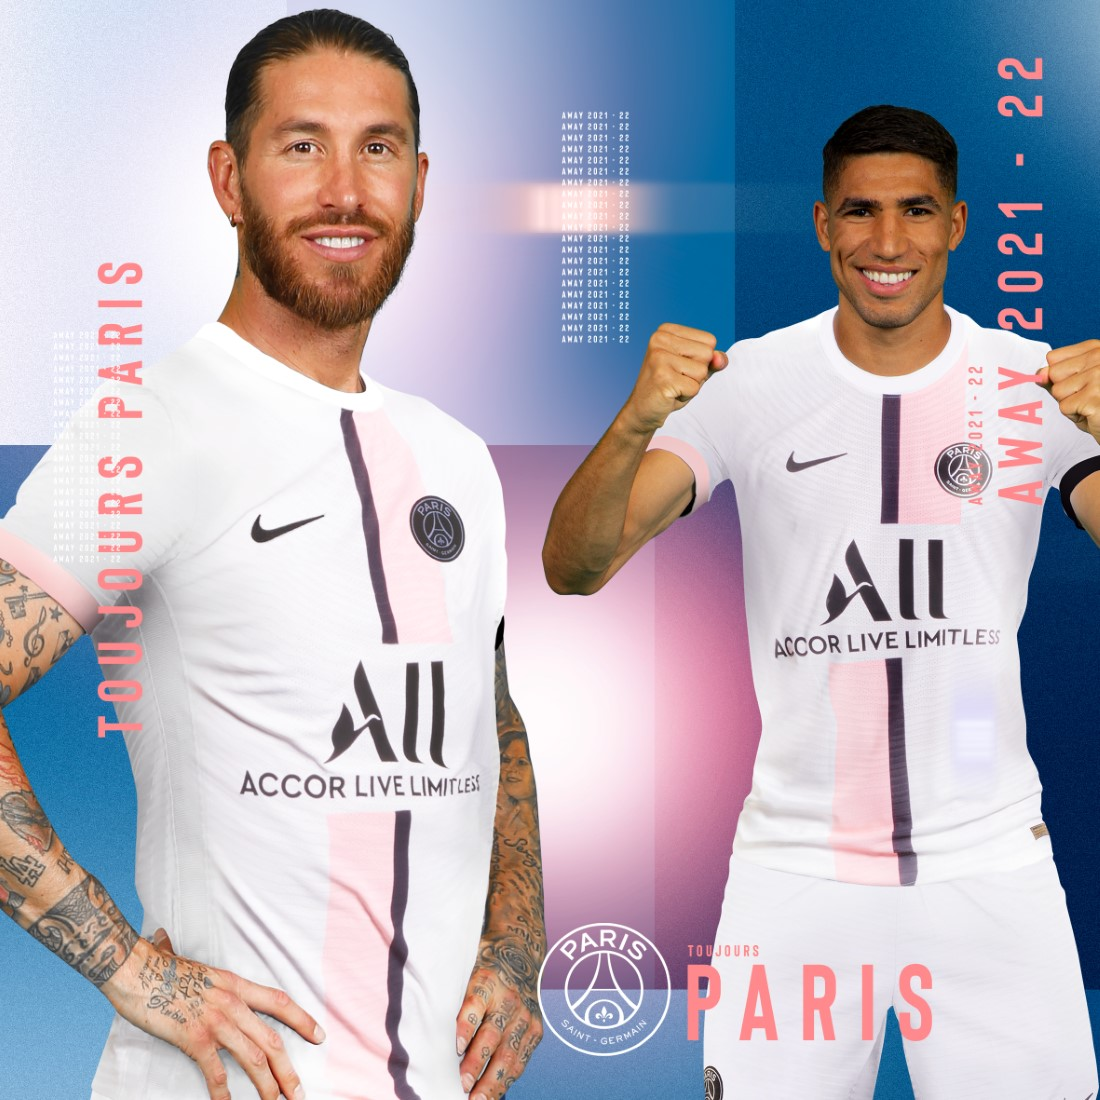 Paris Saint-Germain Maillot Extérieur 2021-22 - Ramos & Hakimi